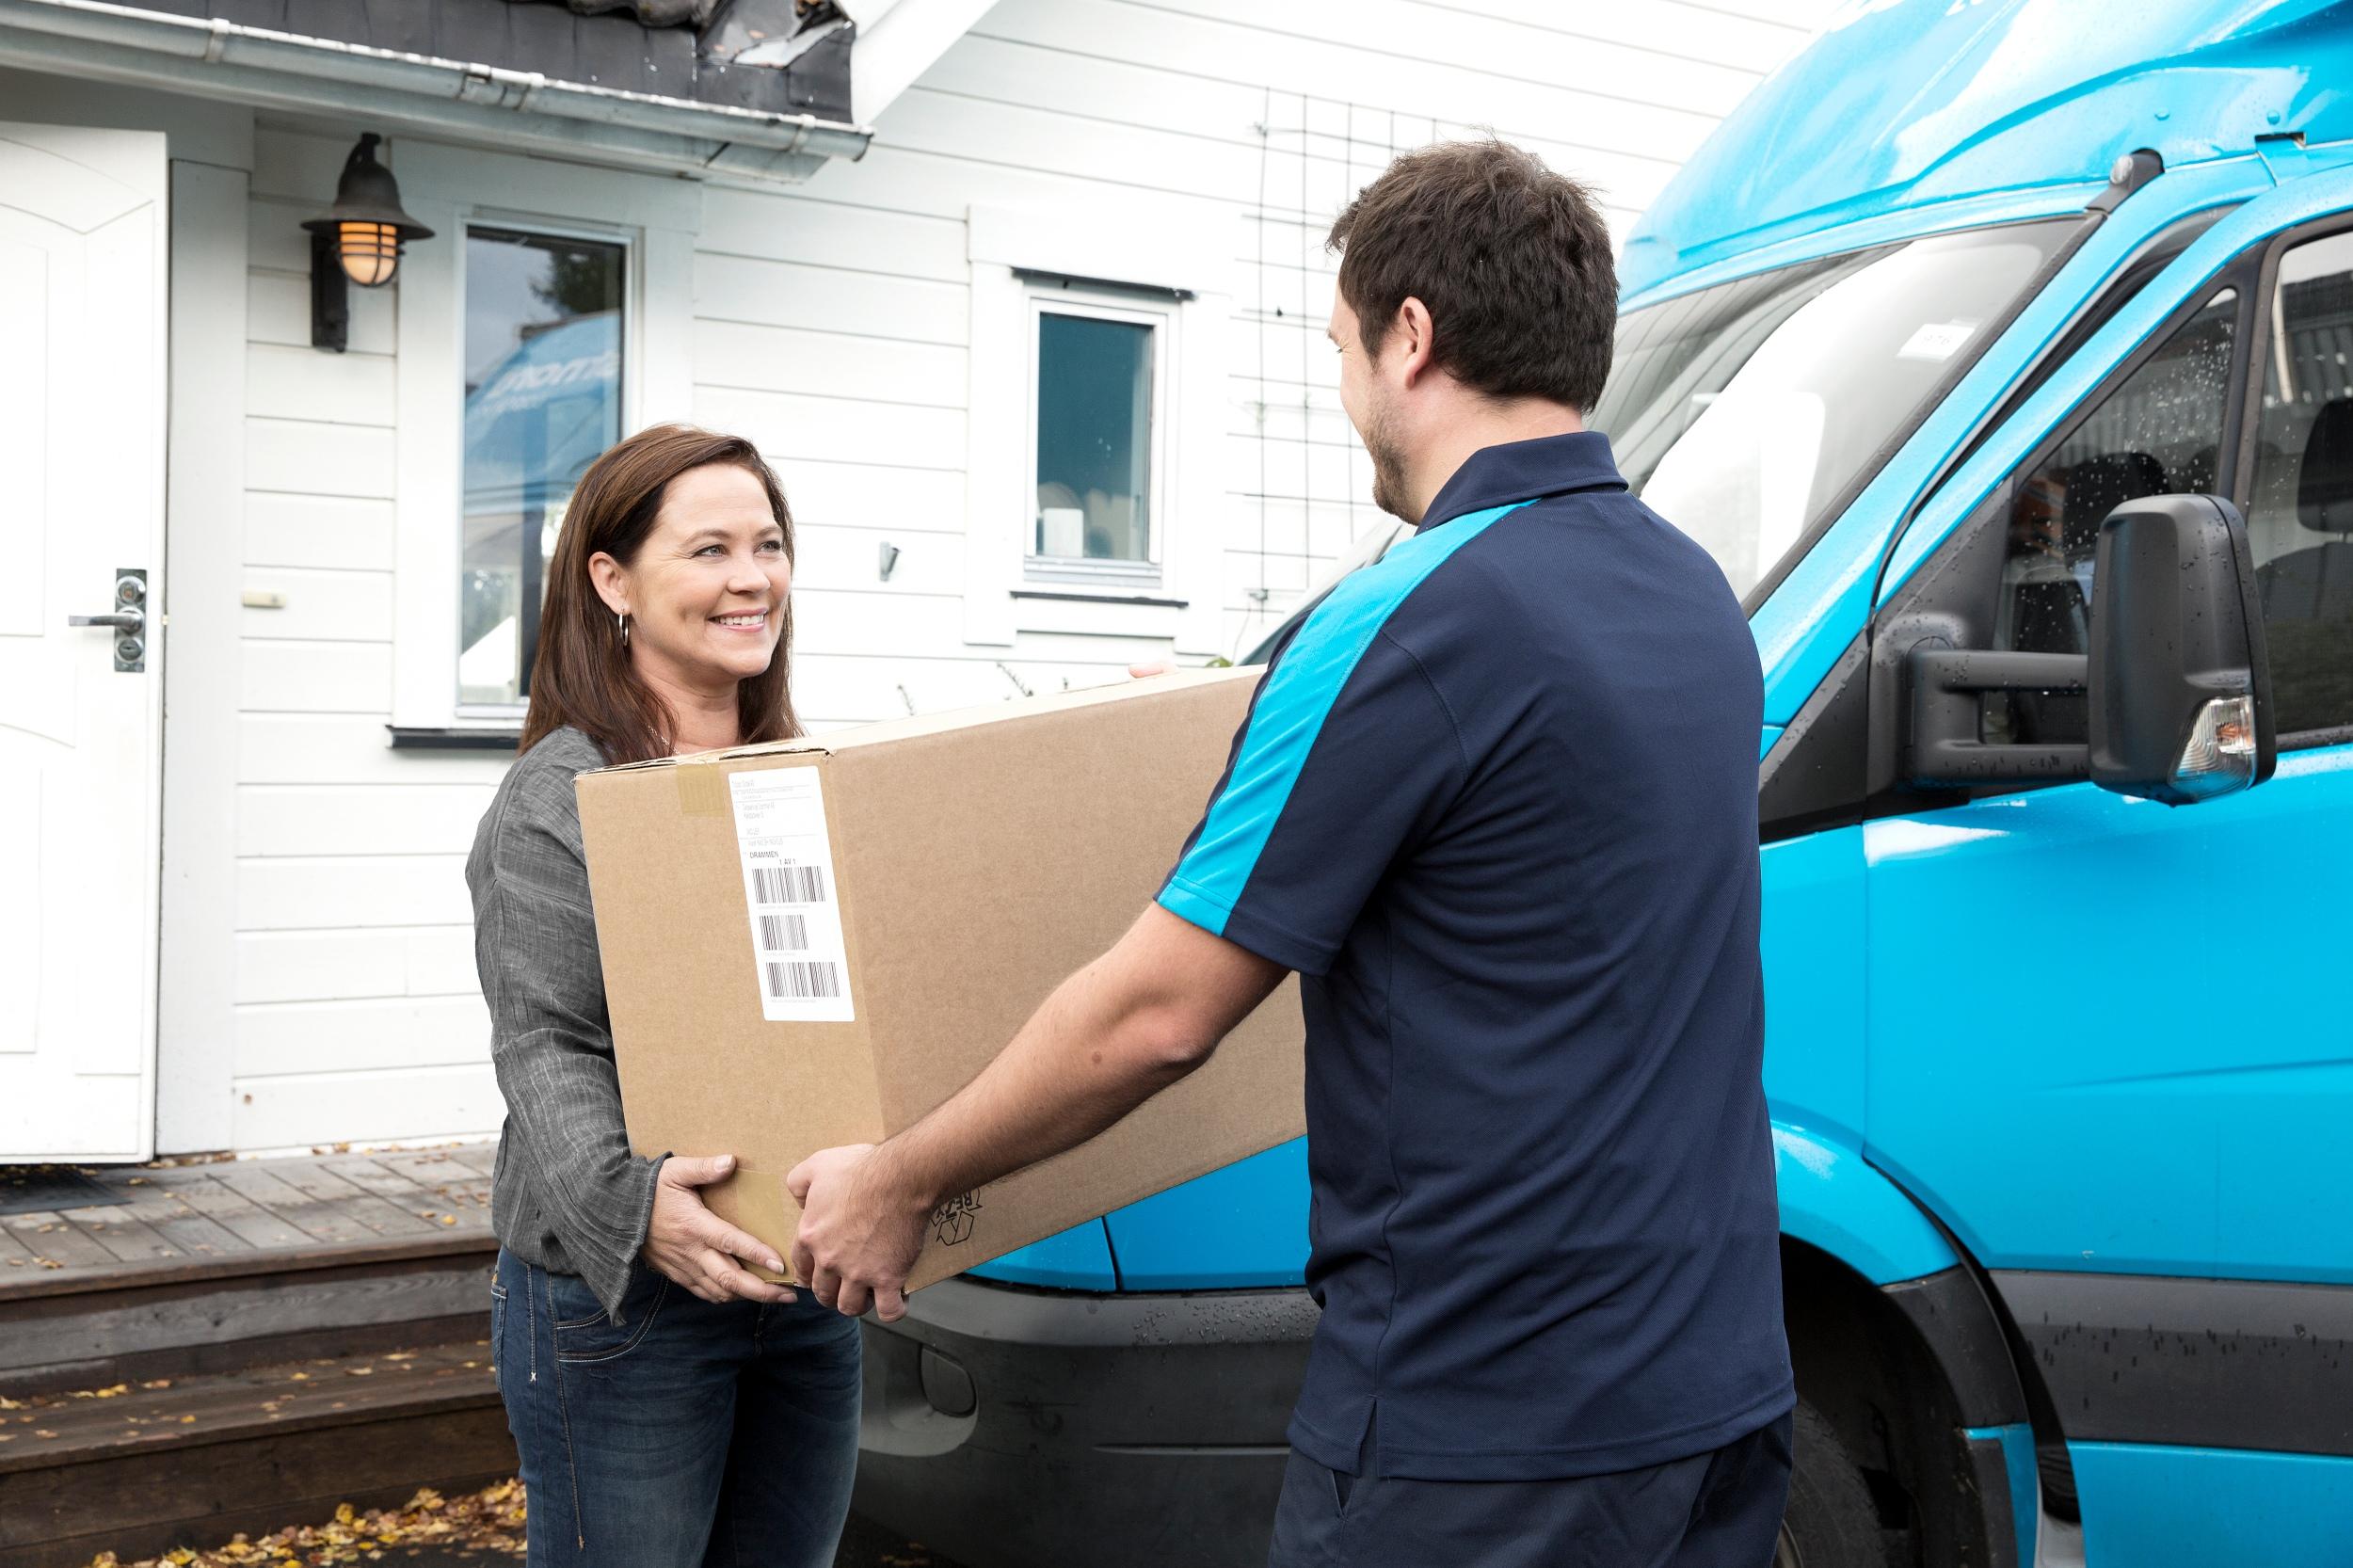 PostNord planerar tajtare hemleveranser även i Sverige